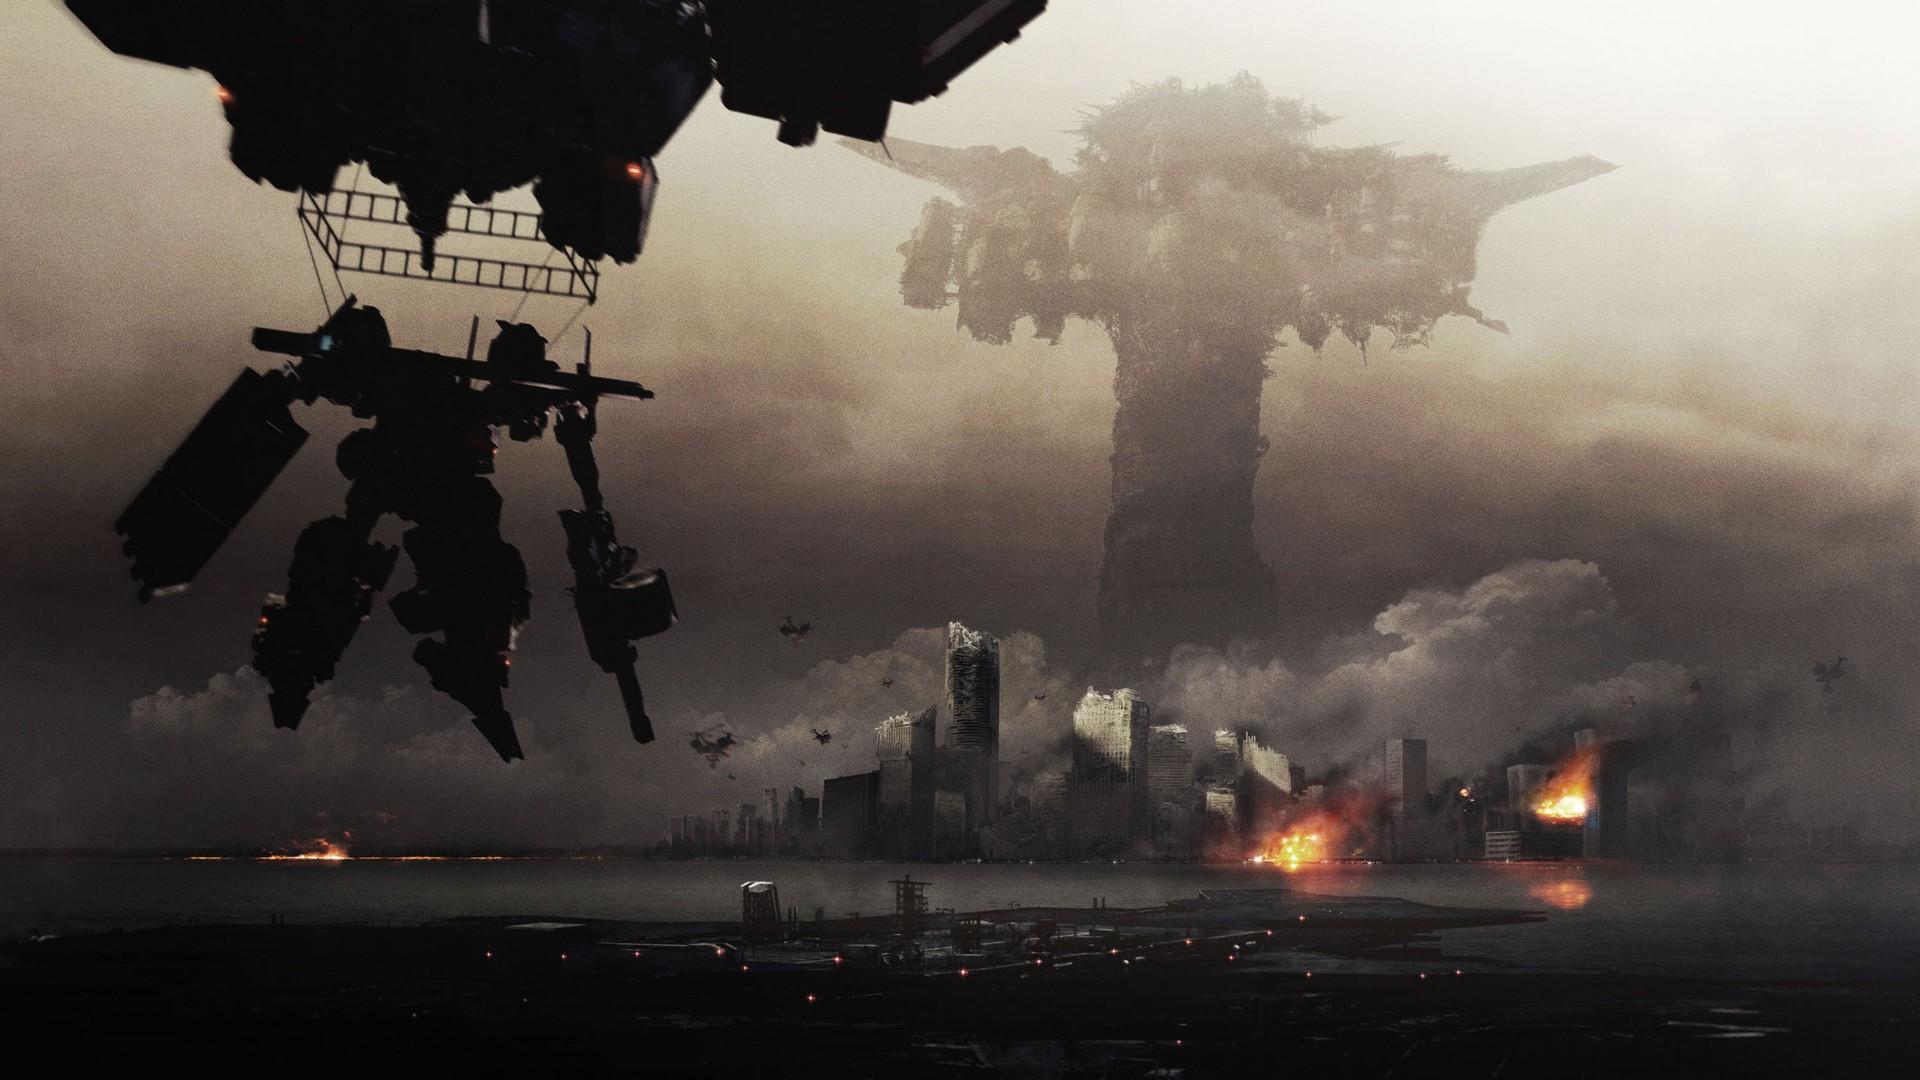 Armored Core - Verdict Day 2